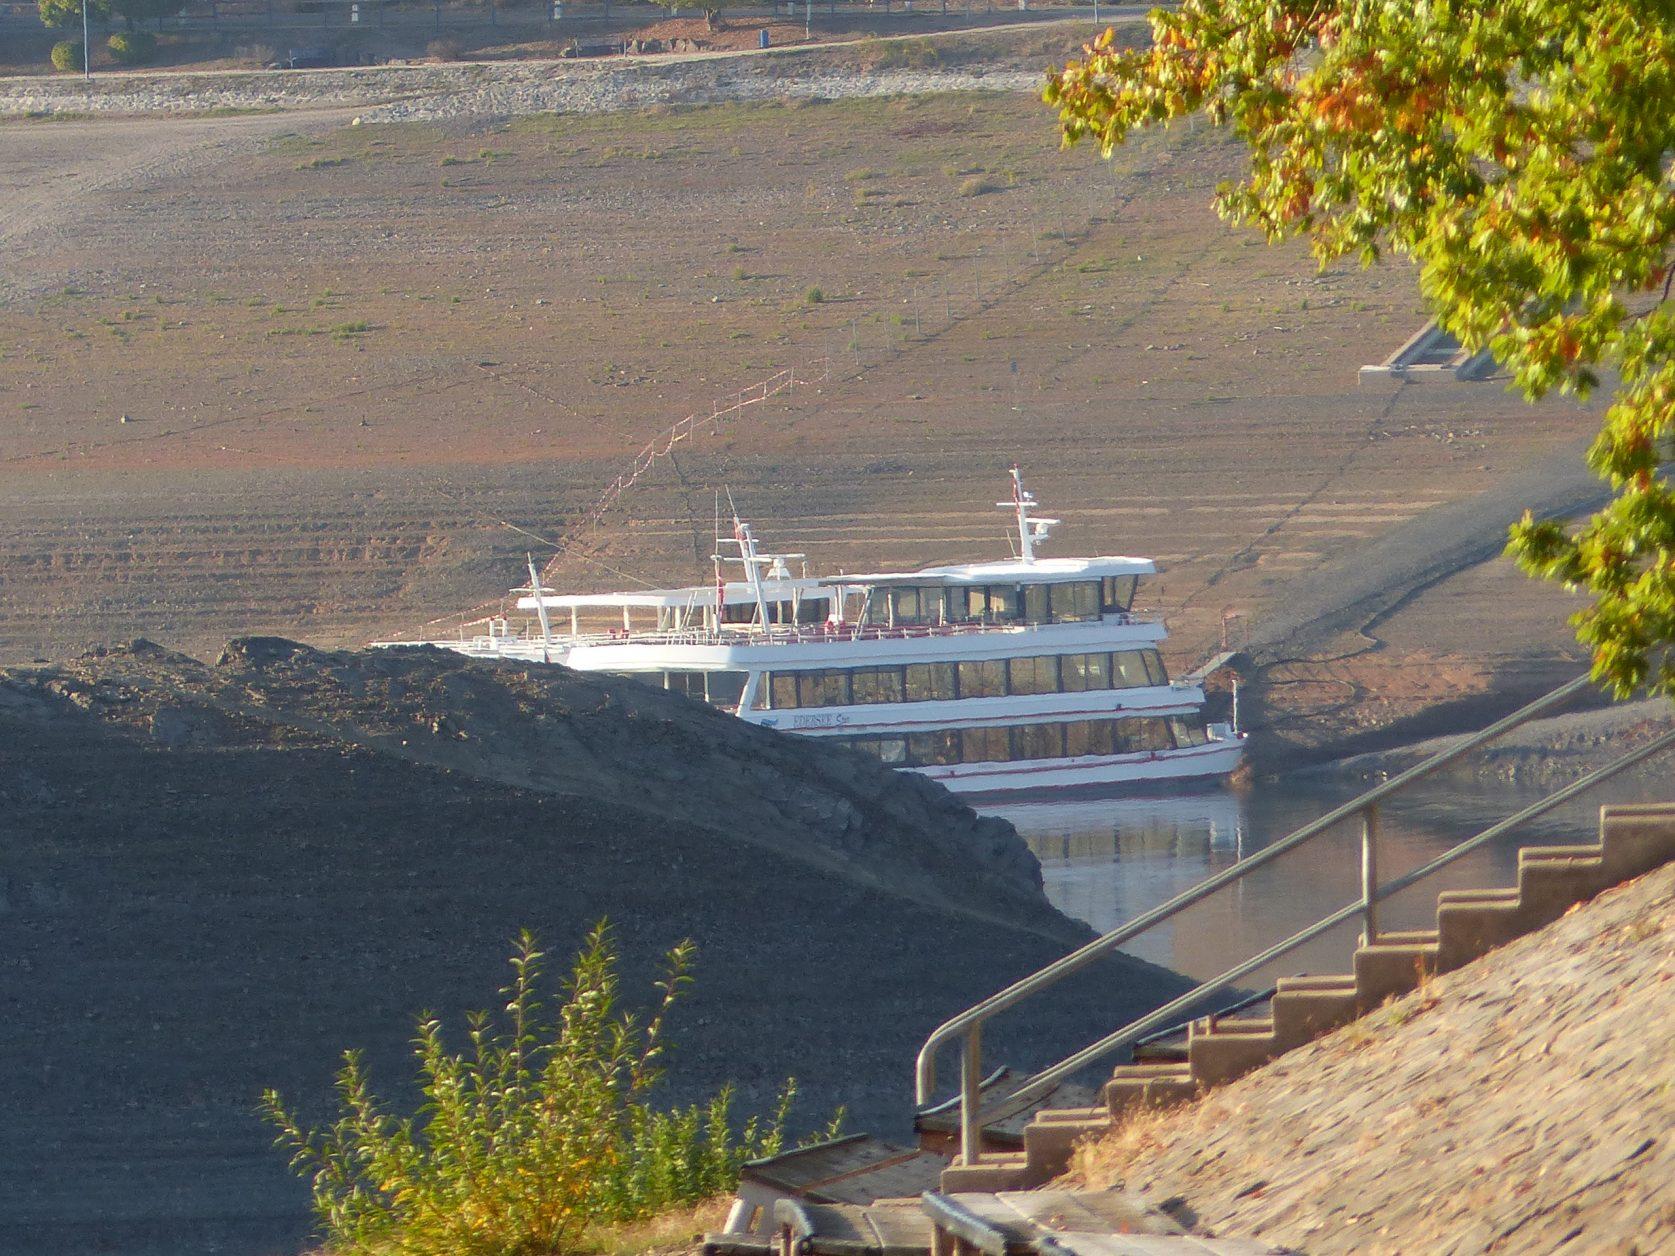 Blick auf ein Fahrgastschiff im Edersee, Foto: Weirauch